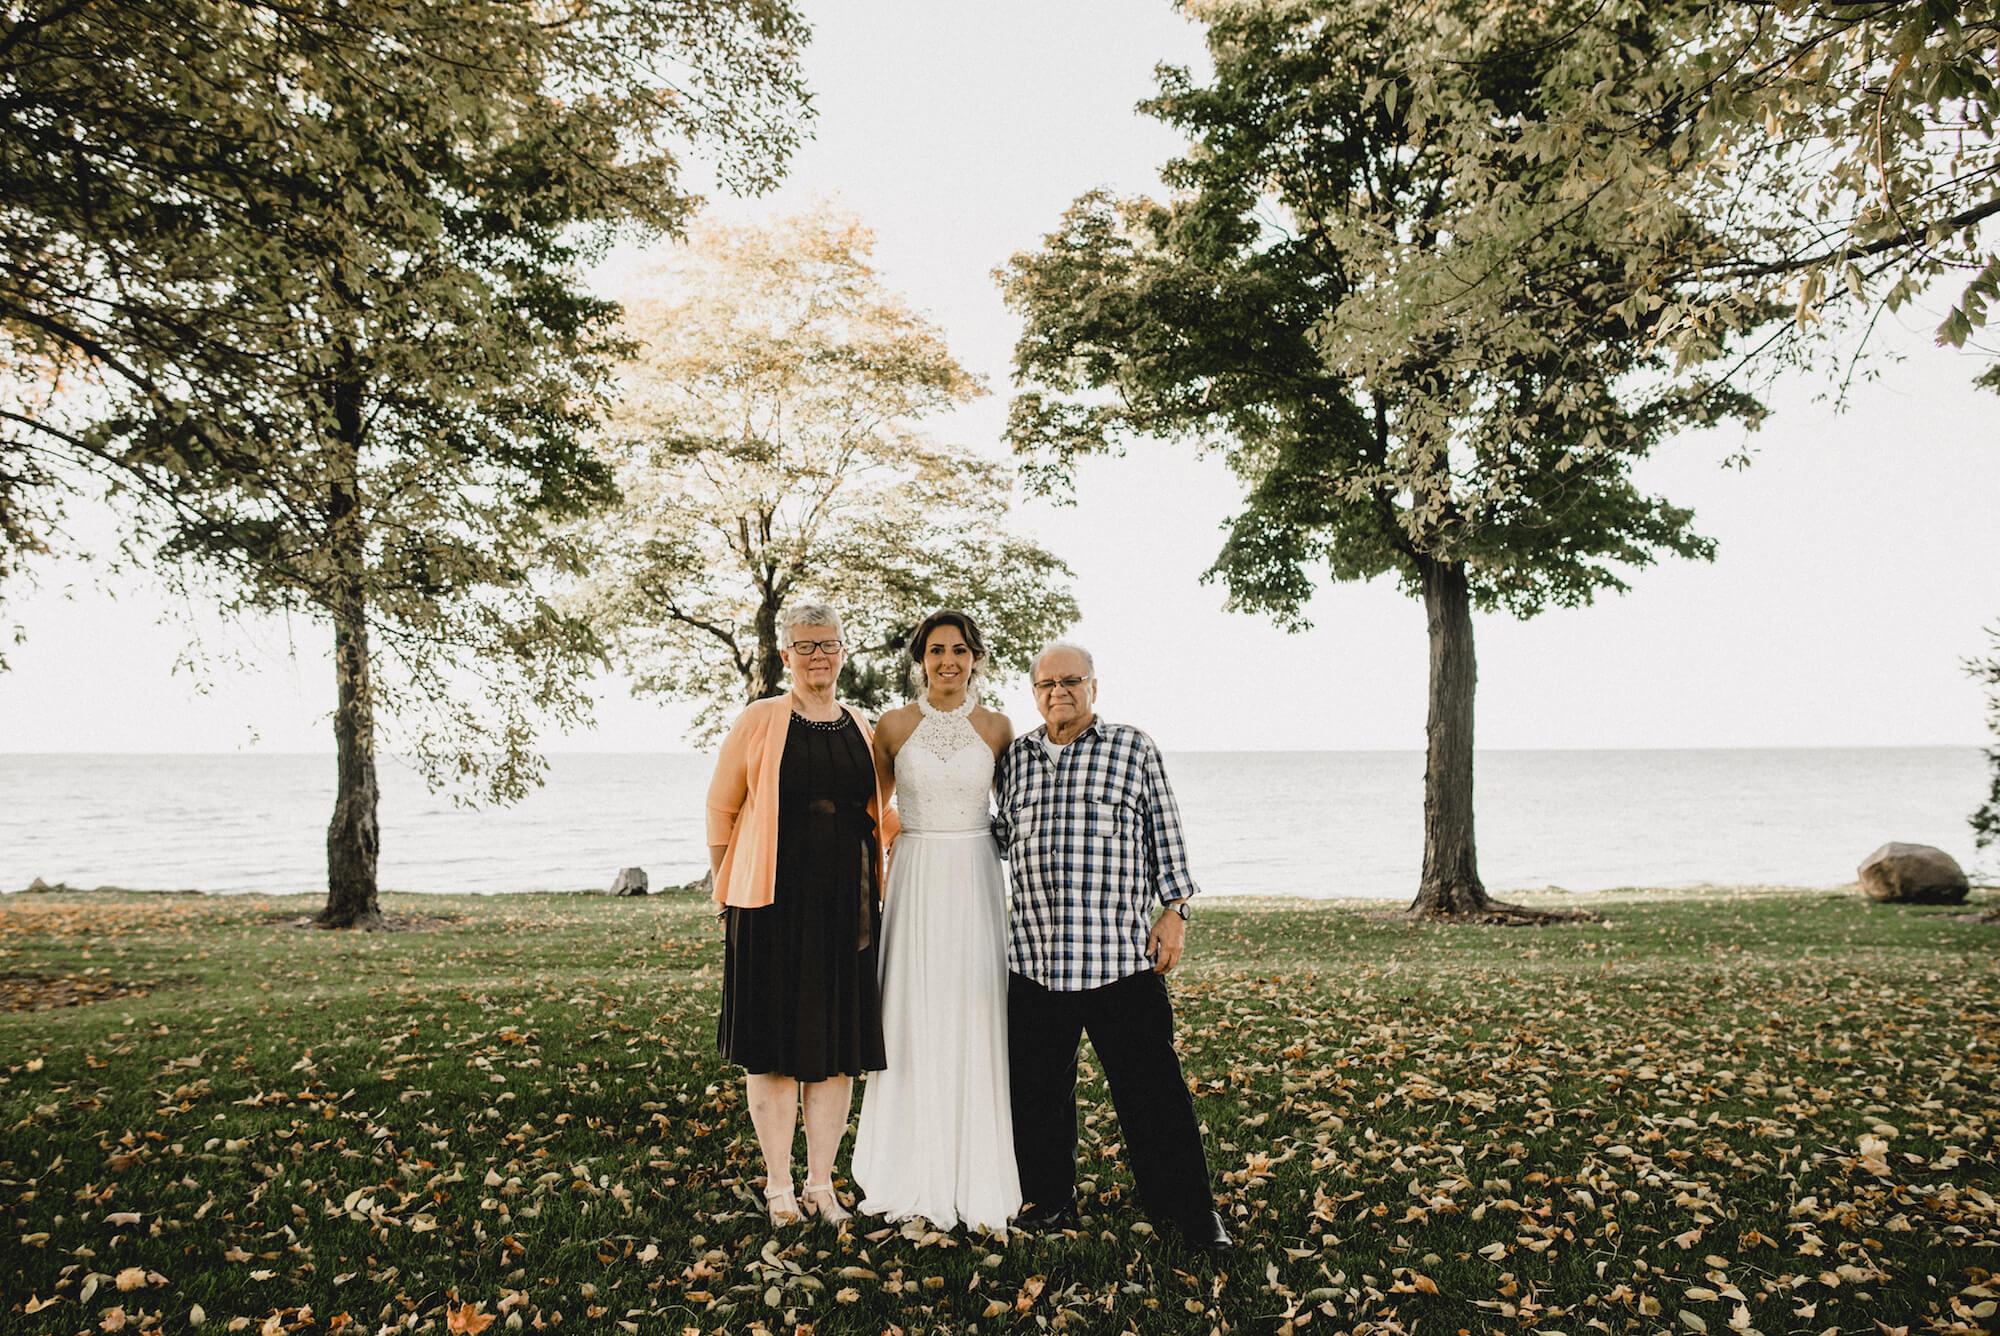 engle-olson-tammy-marc-wedding-35.jpg